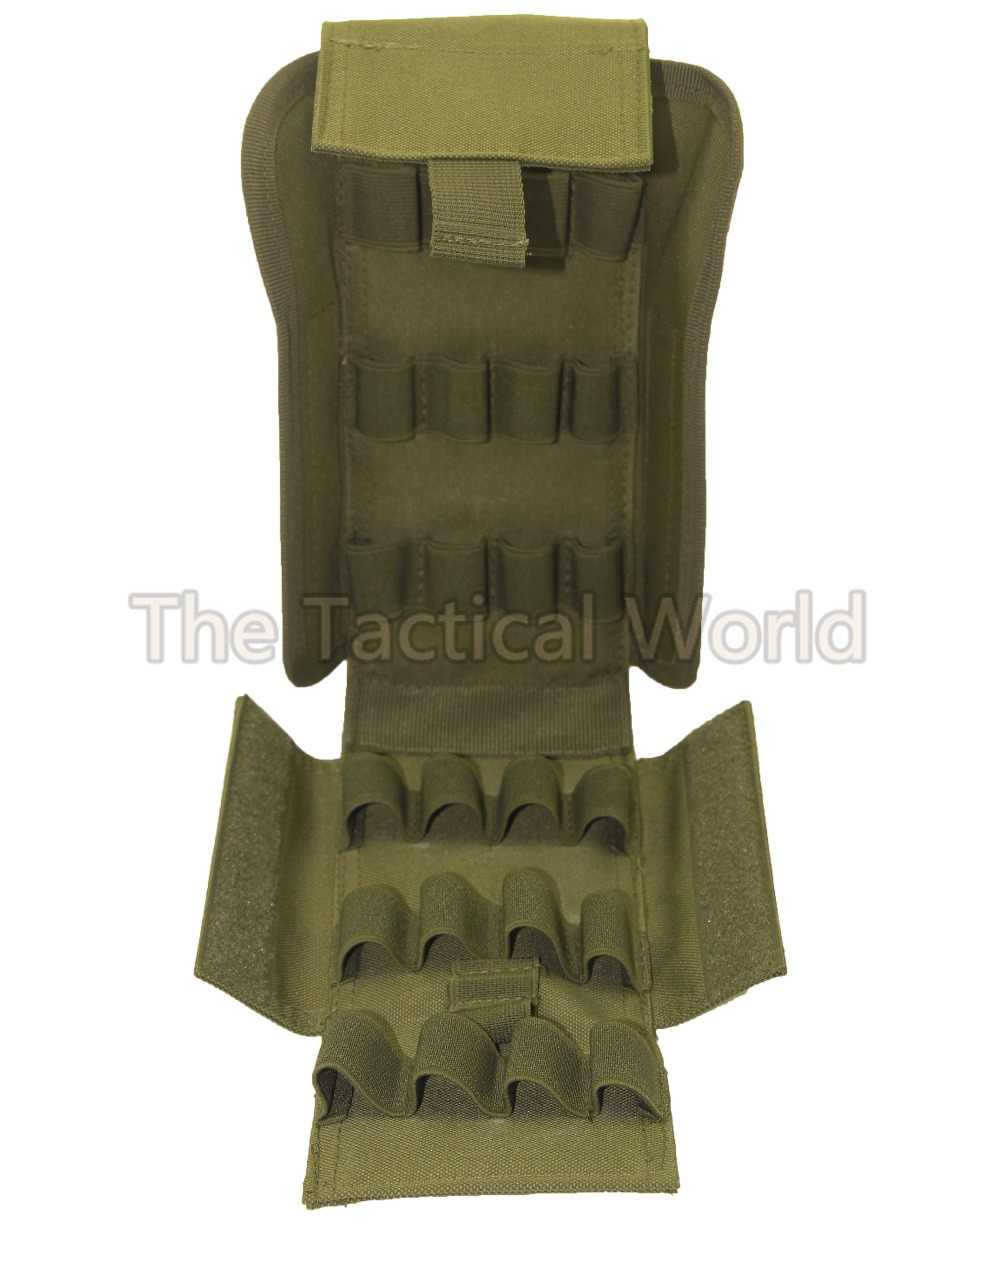 Охотничьи Аксессуары для страйкбола Molle Тактические Военные 25 круглые 12 GA Калибр для перезарядки ружья подсумок сумка Mag сумки для инструментов